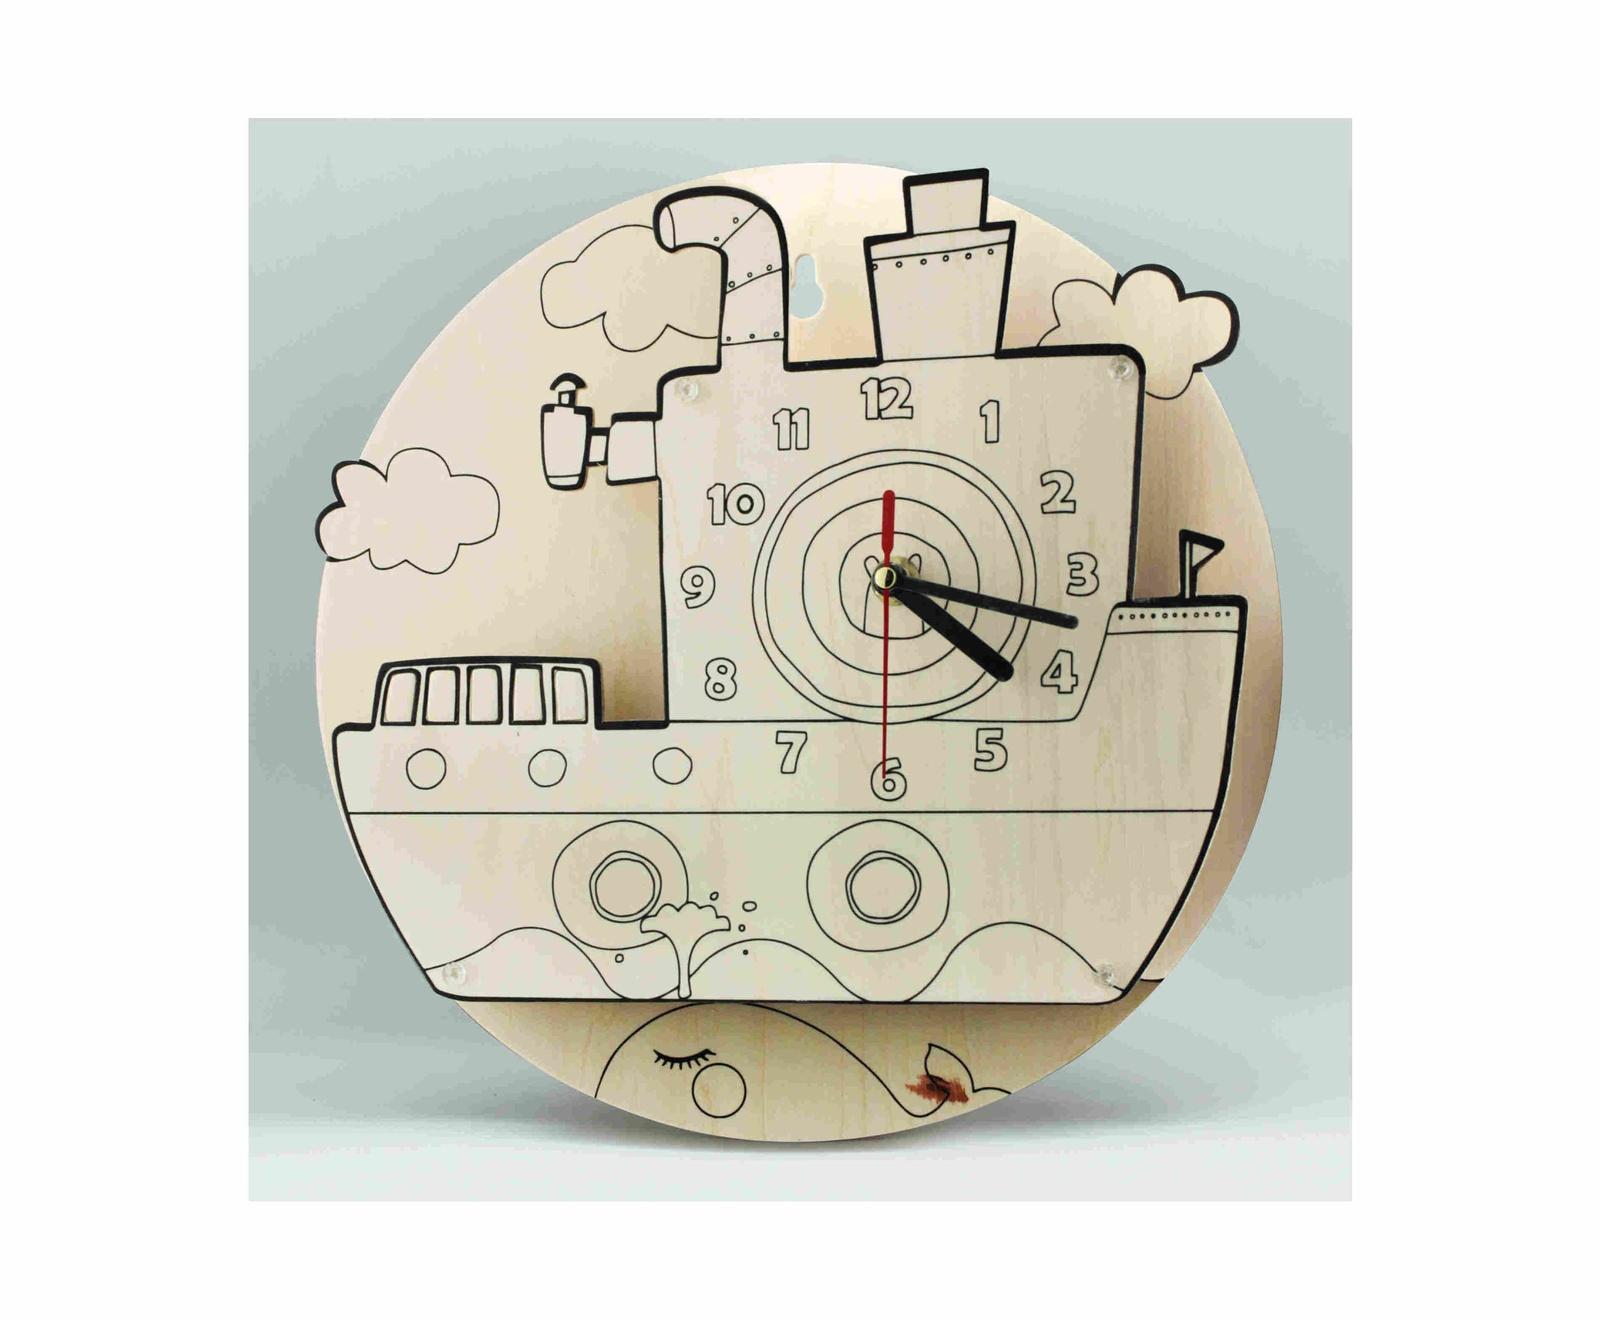 Часы-конструктор раскраска Robotime Яхта, деревянныеAC218PСобери и раскрась свои часы. Набор для творчества. 3D Часы-конструктор от компании Robotime — необычное украшение для детской комнаты, которое ребёнок может собрать и раскрасить самостоятельно. Это позволяет развивать технические и художественные навыки, а так же нарабатывать моторику. Перед началом работы нужно аккуратно вынуть все фанерные детали, а затем собрать их, следуя указаниям инструкции. Для подготовки составляющих частей вам не понадобятся дополнительные инструменты, а для их соединения не нужен клей. Все детали вдавлены в листы фанеры и очень легко извлекаются в процессе сборки. Готовые часы можно раскрасить красками, фломастерами или карандашами. Материал: изготовлено из высококачественной фанеры В комплекте: детали, вырезанные на листовом дереве часовой механизм краски, кисточка наждачная бумага, схема сборки, Сборка конструктора может стать прекрасным времяпрепровождением для всей семьи!